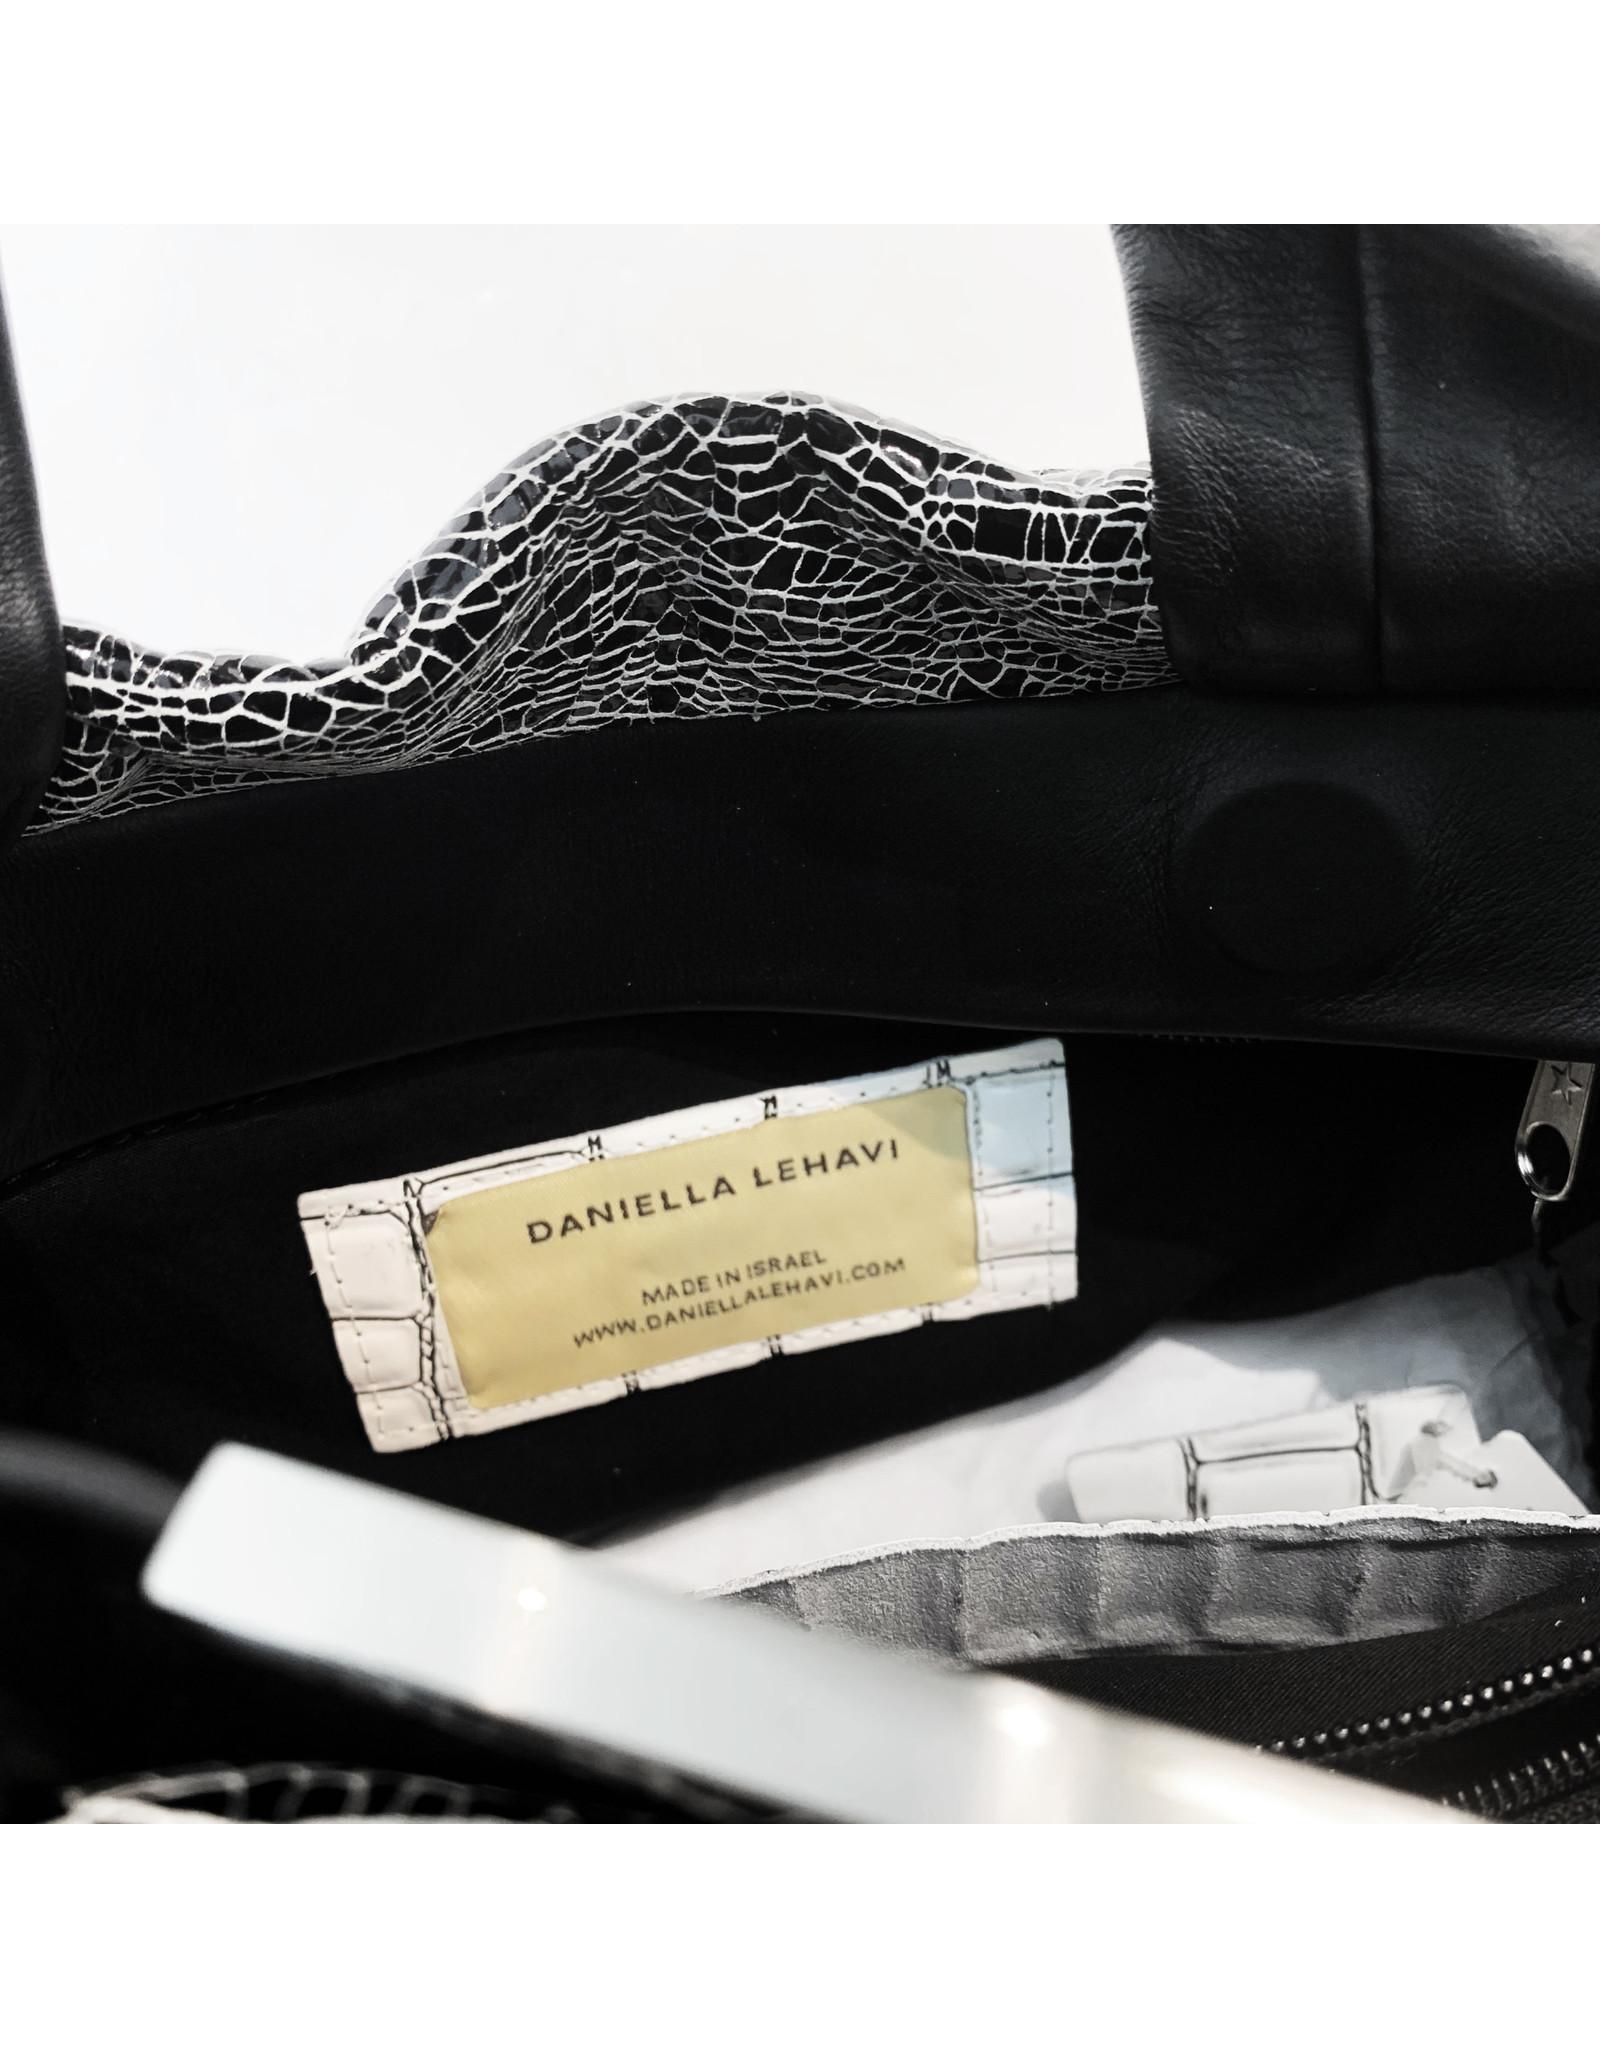 Daniella Lehavi Daniella Lehavi Alexa Bag